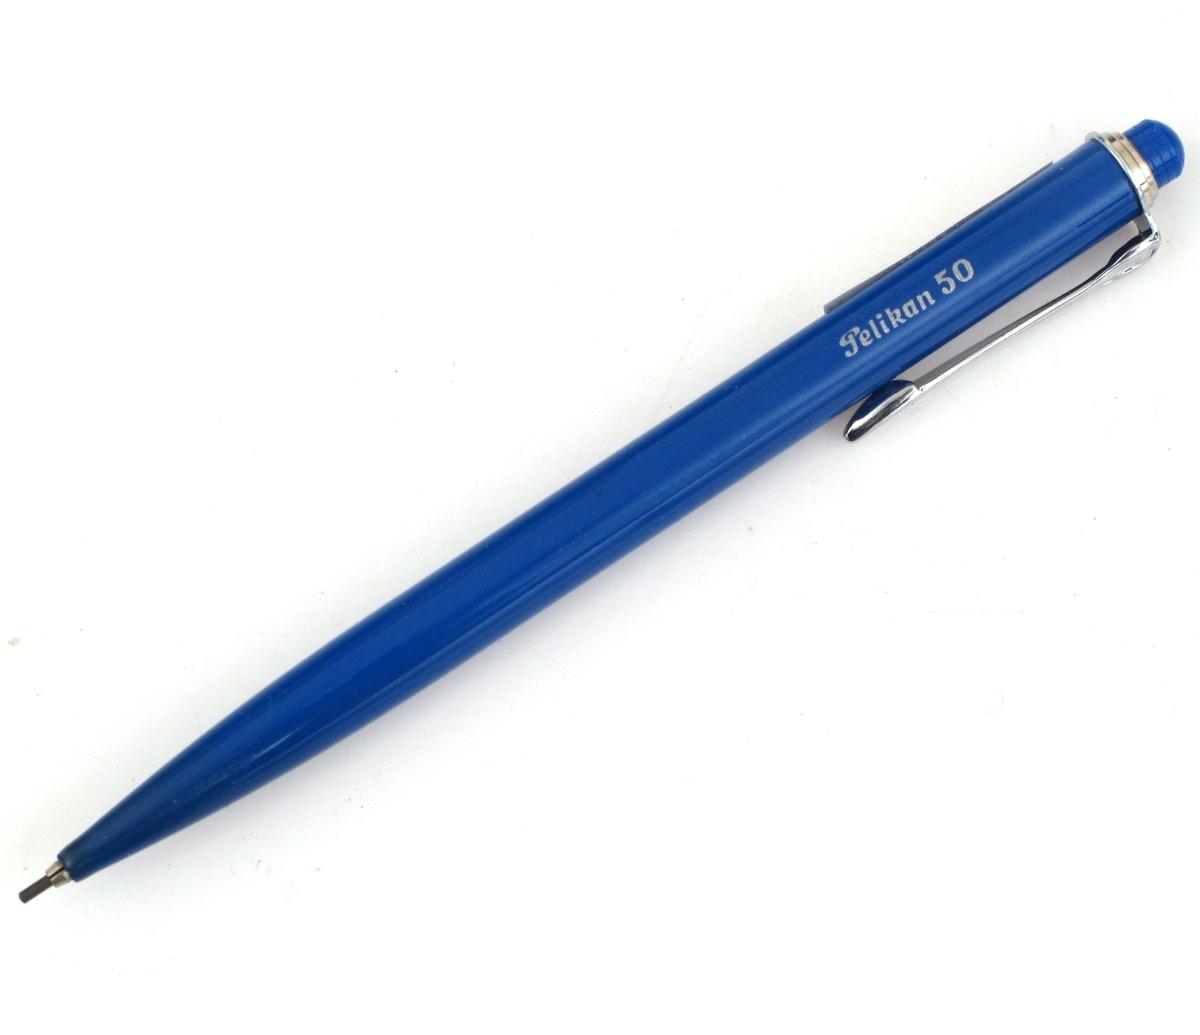 Minepenn, Pelikan 50, penn med blymine som kan mates etterhvert som den brukes. Produsert for Telegrafverket.  Pennen ligger i originalemballasje med bruksanvisning. Bruksanvisningen forteller om minens framskyving m.m. a. Minepenn b. Eske c. Bruksanvisning